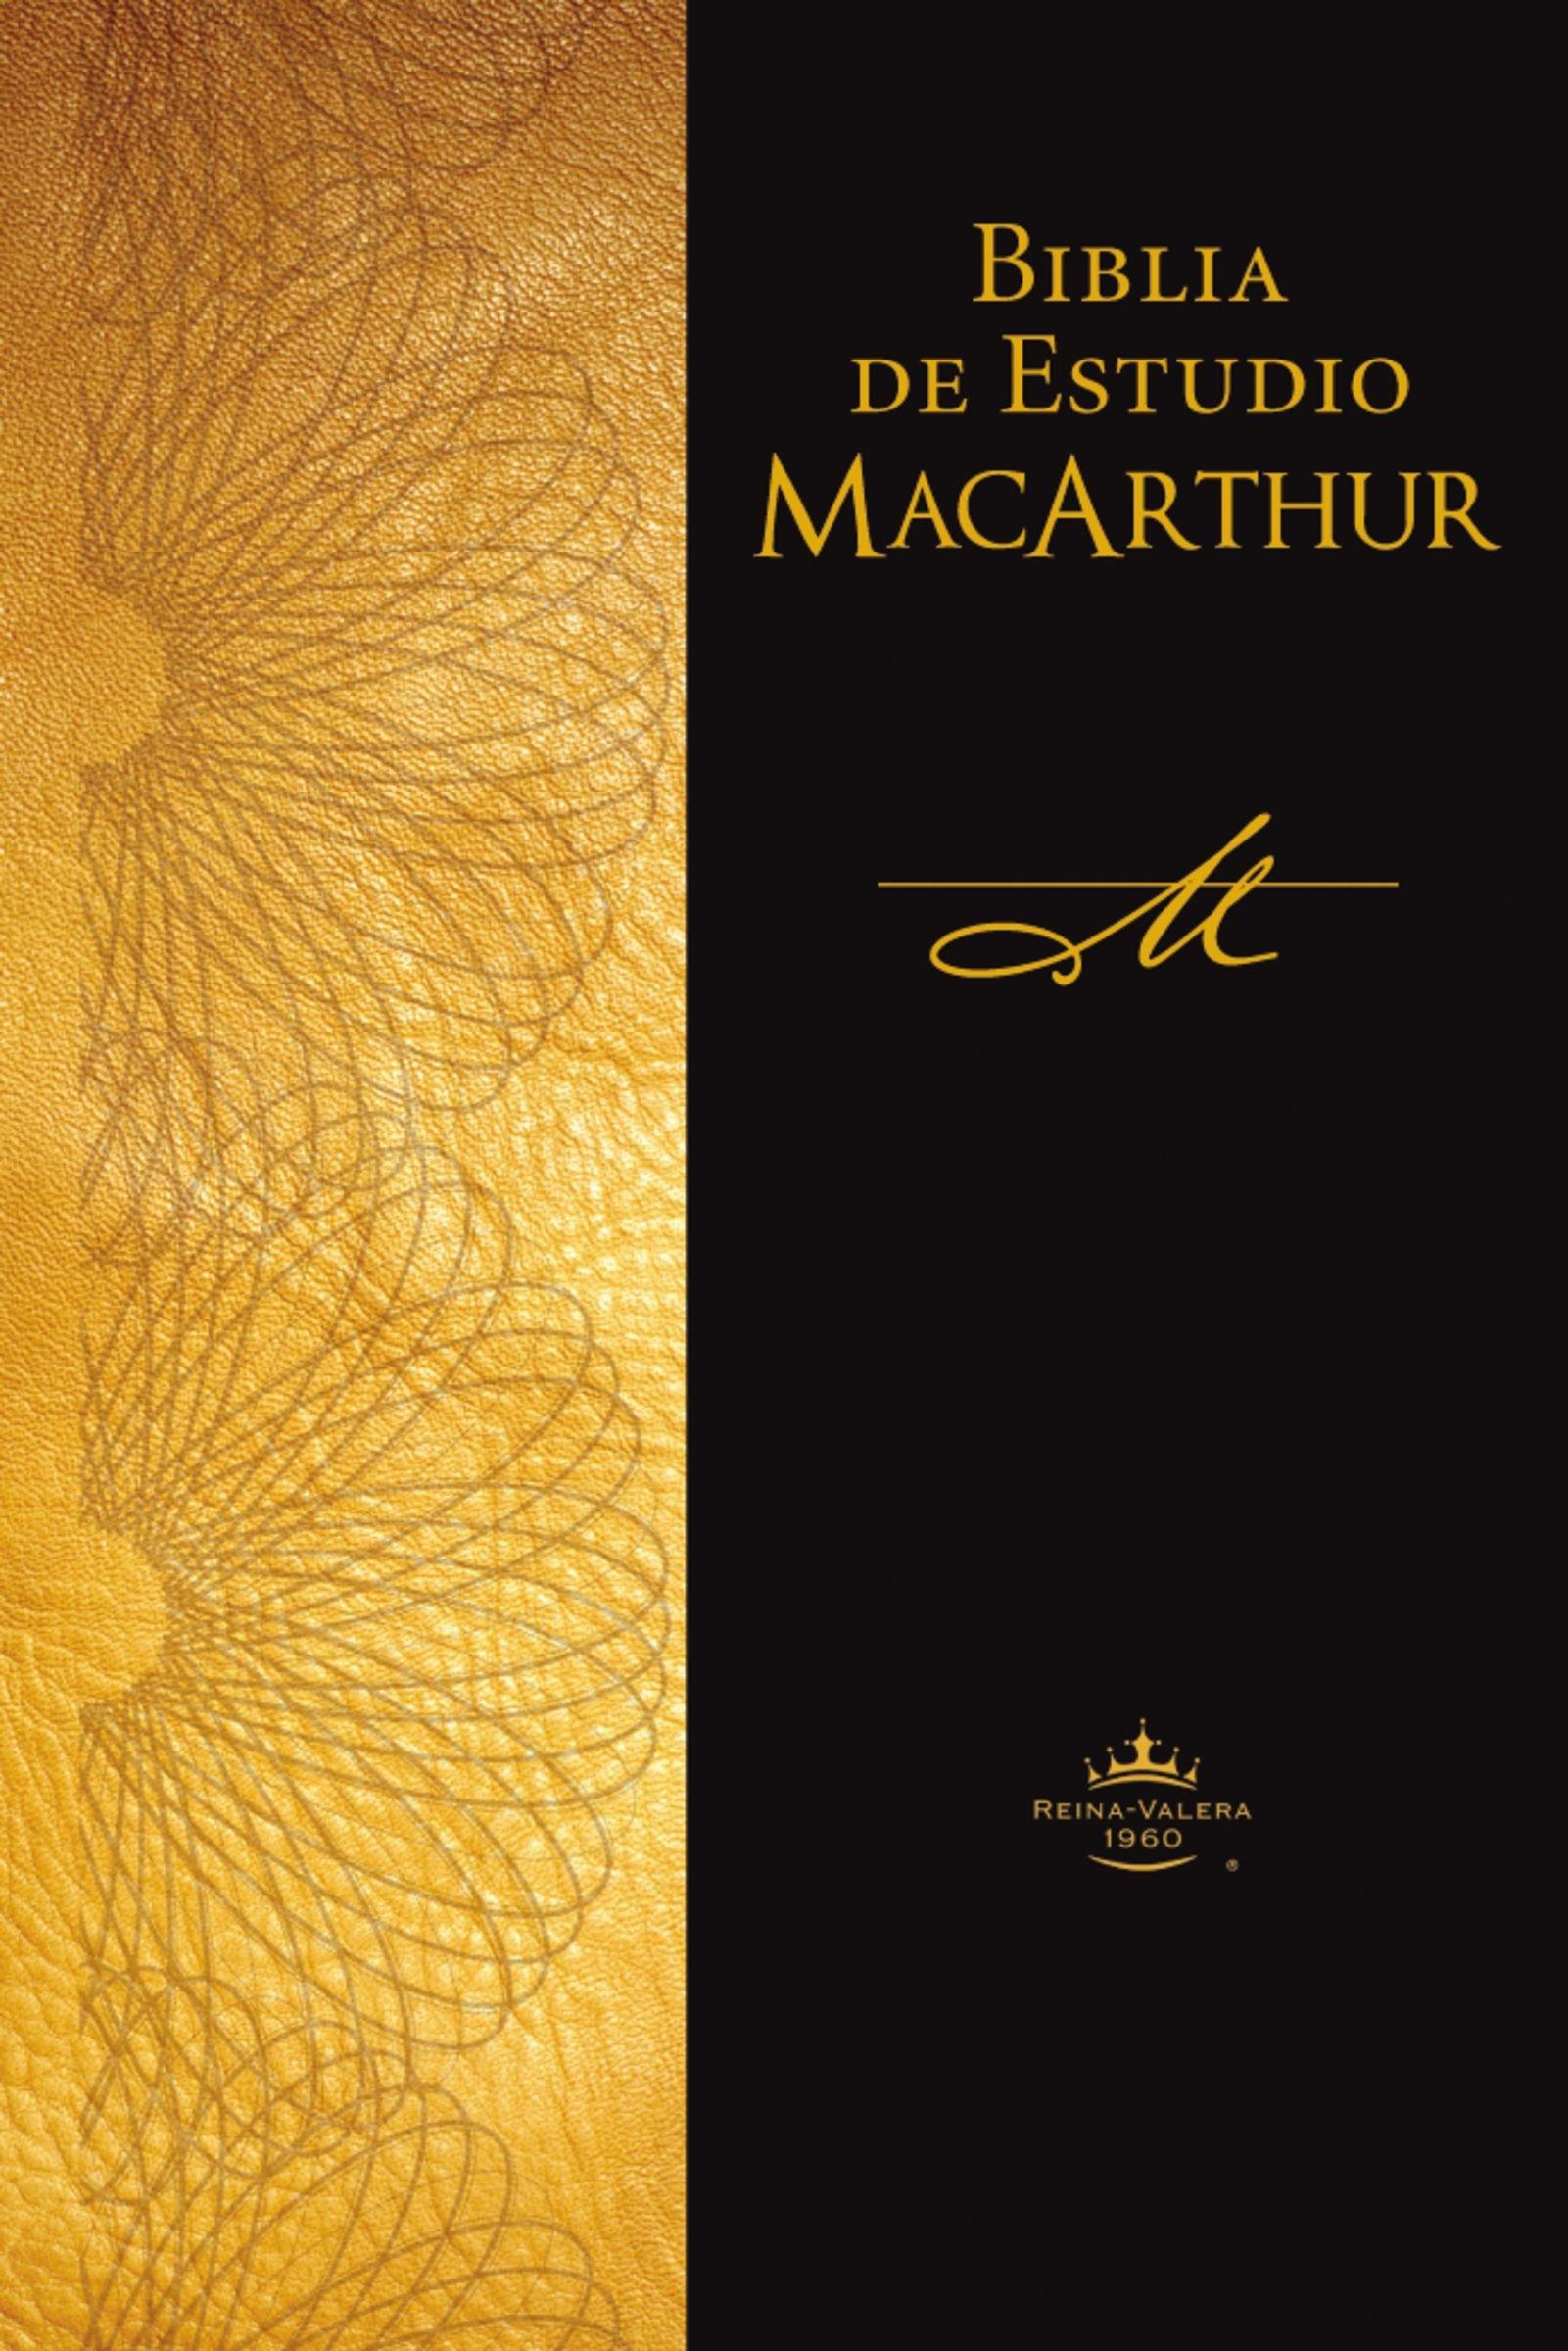 Biblia de Estudio MacArthur-Rvr 1960: Amazon.es: John F. MacArthur: Libros